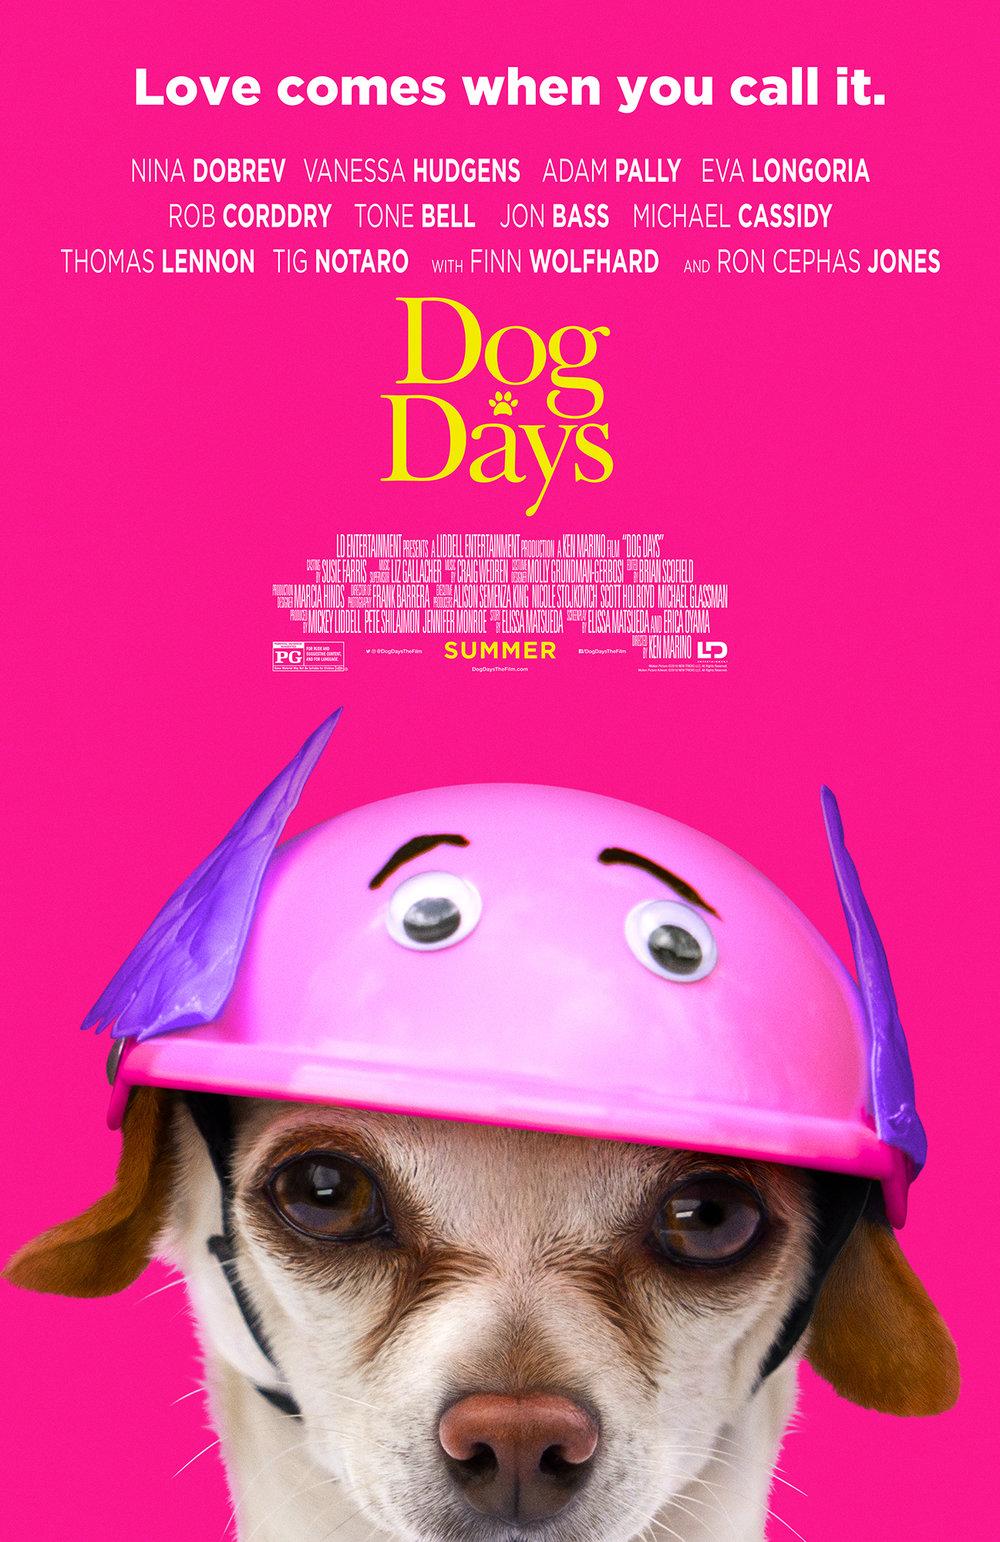 DogDays_1Sht_Gertrude_VF_100dpi.jpg